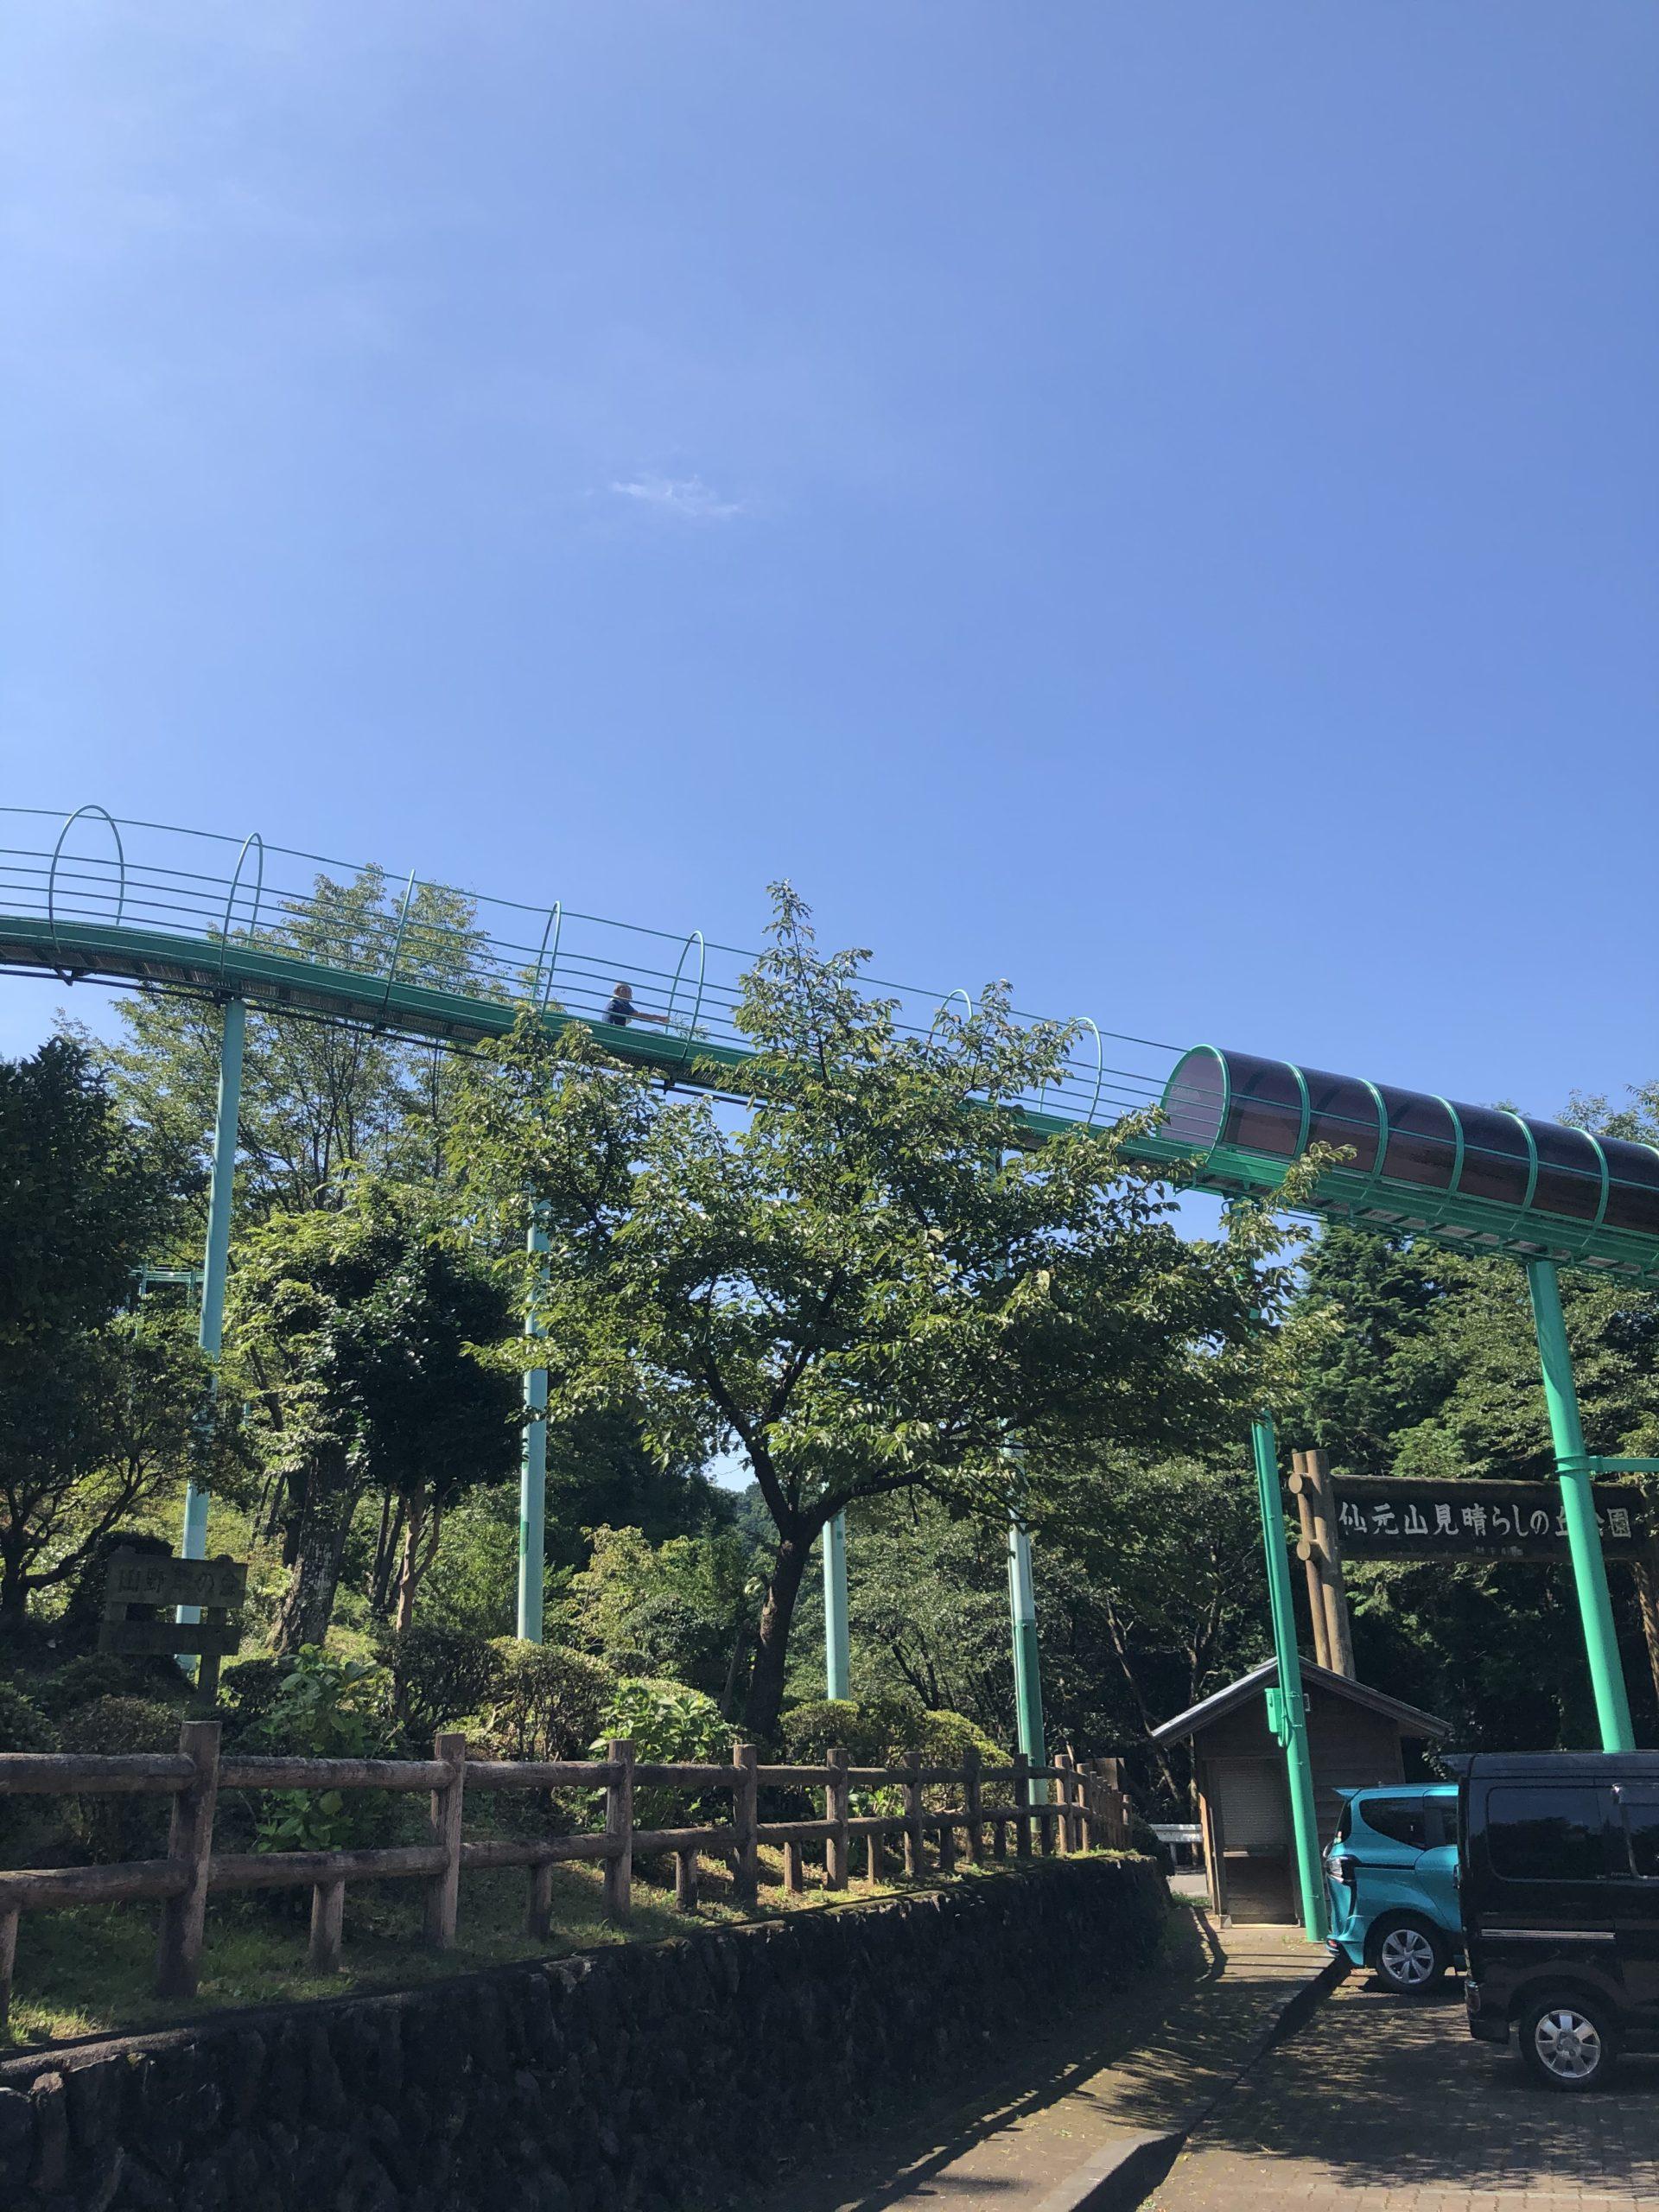 仙元山『見晴らしの丘公園』で全長203mのローラー滑り台は子どもから大人まで楽しめます